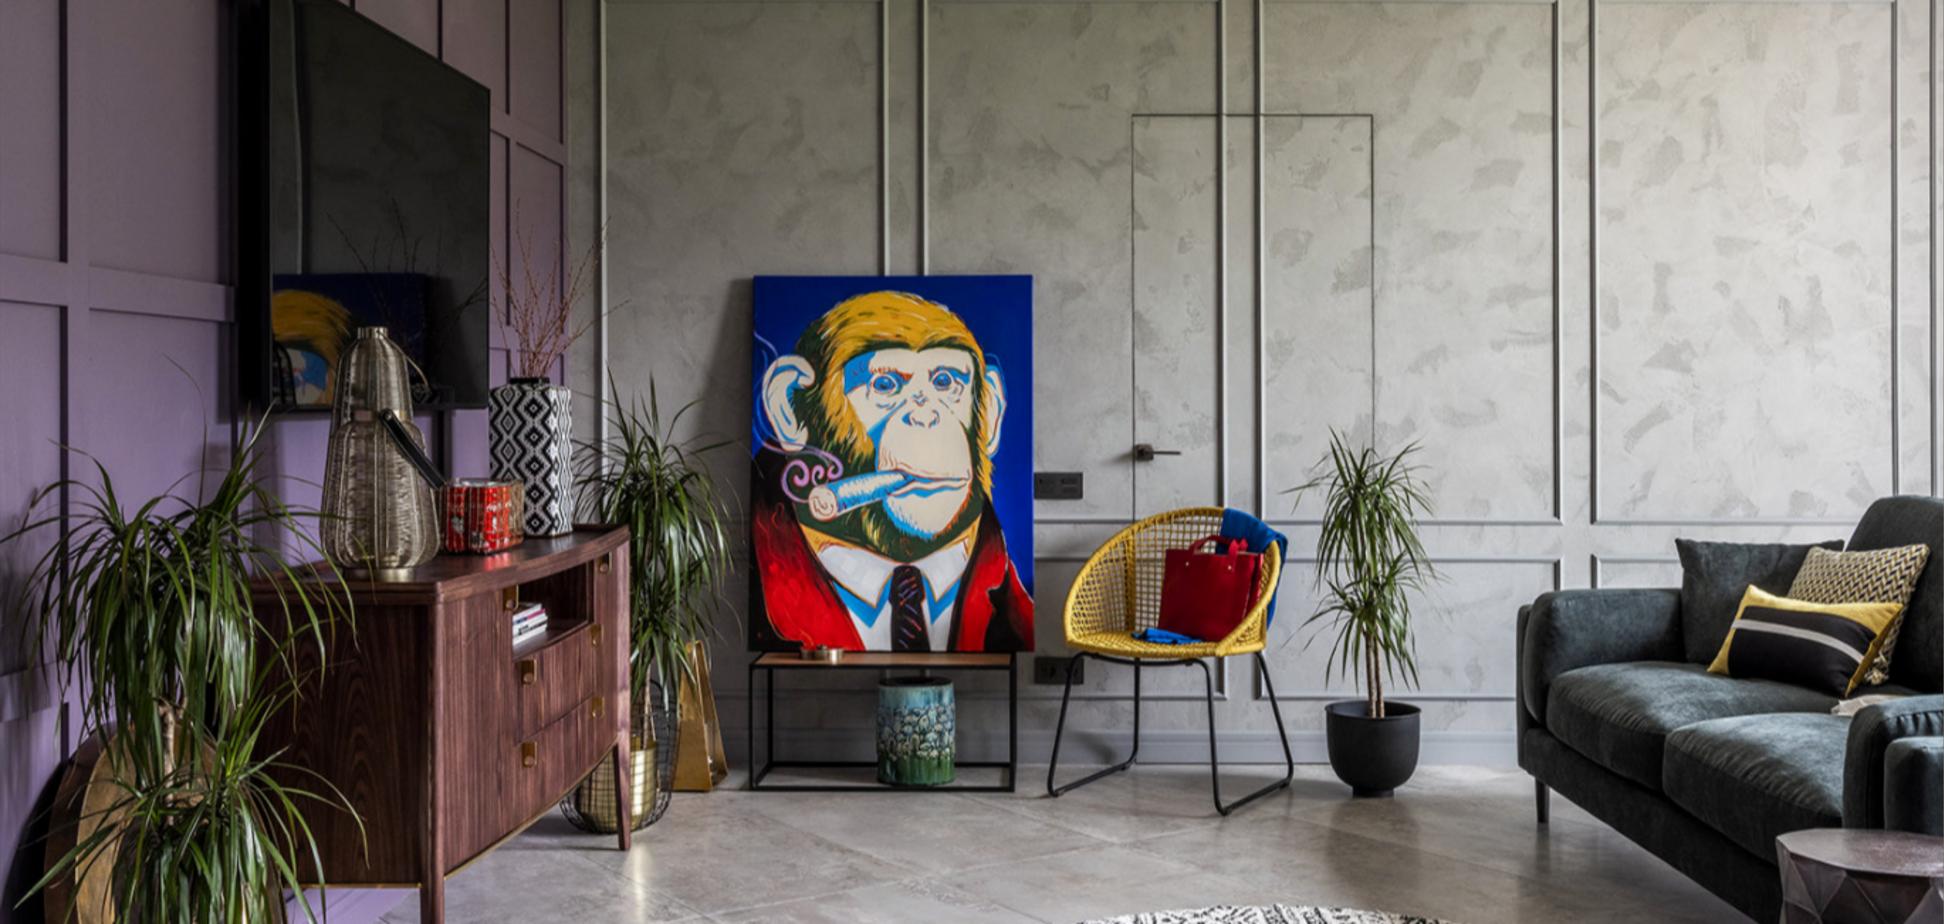 5 вещей в квартире, которые выдают дурной вкус владельца